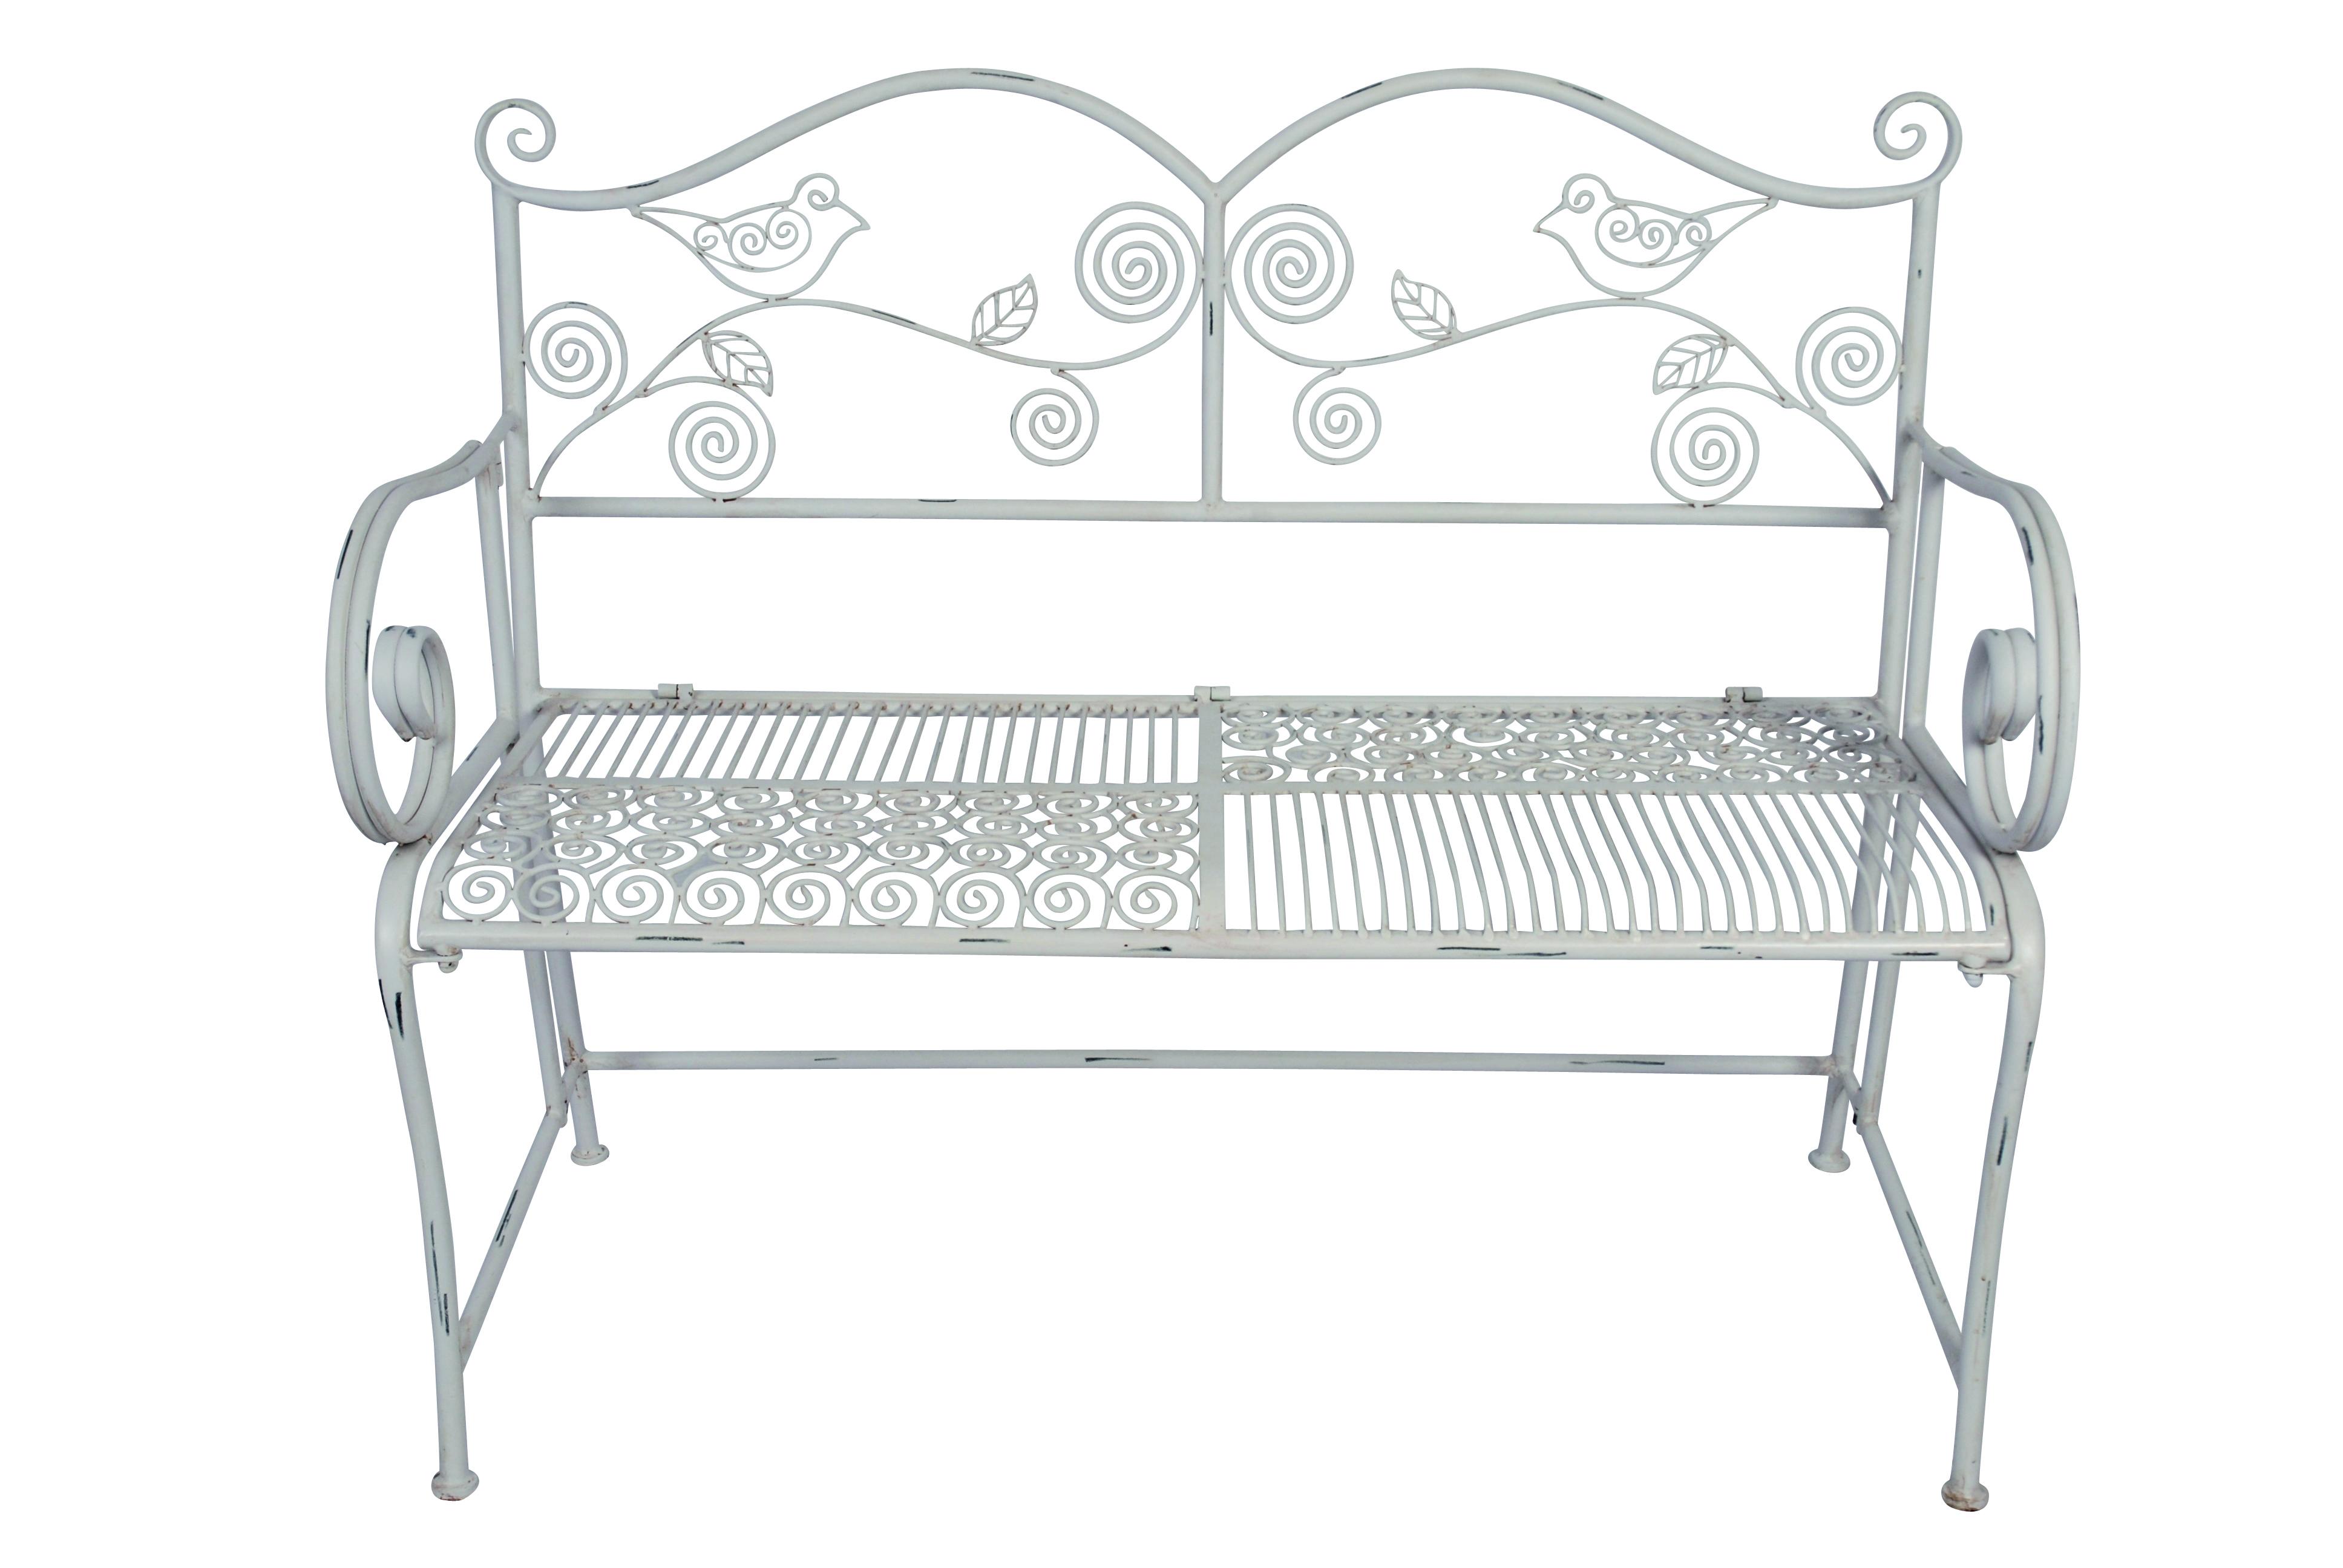 garten bank gartenbank metall metallbank antikweiss 110x52x91 cm neu. Black Bedroom Furniture Sets. Home Design Ideas